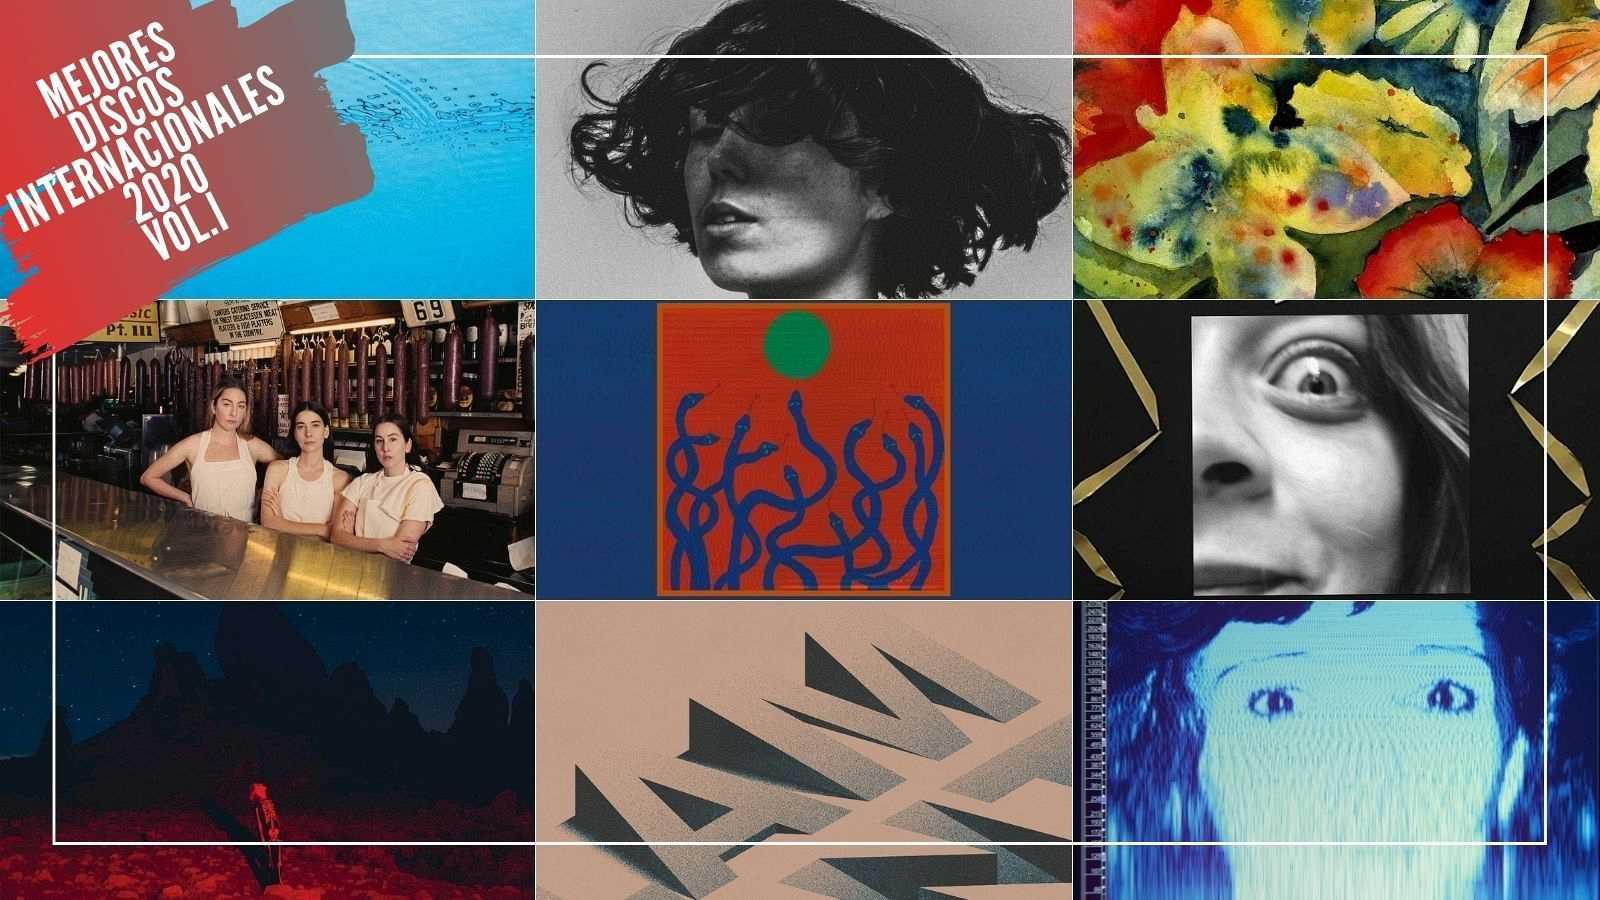 Na Na Na - Los 40 mejores discos internacionales de 2020 (Vol.I) - 23/12/20 - escuchar ahora